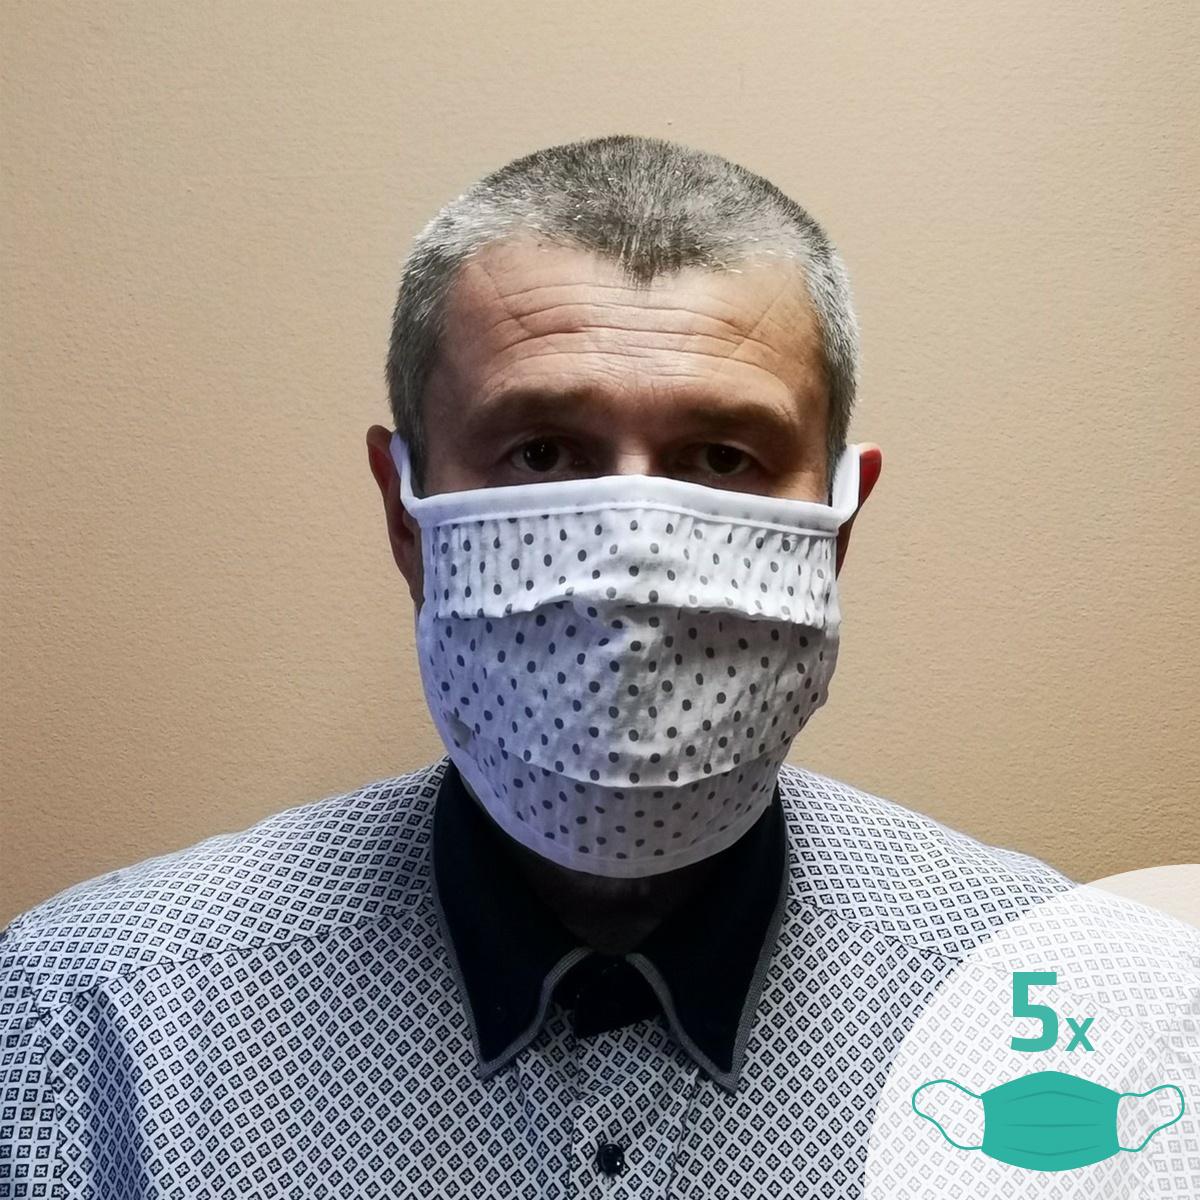 Masca facială Sanybetka din bumbac, set 5 buc., mărime universală imagine 2021 e4home.ro